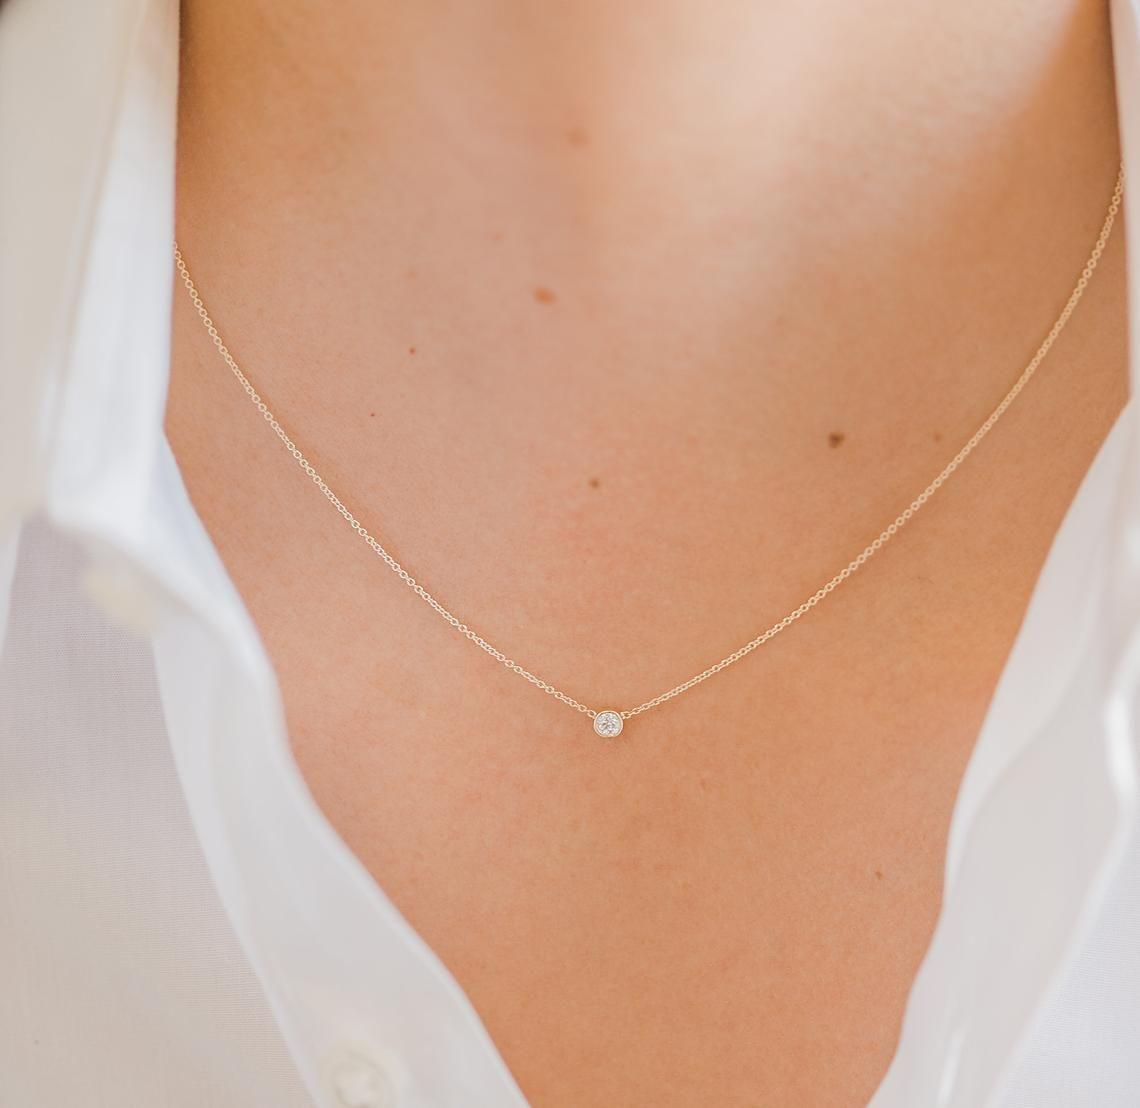 joyas alambre halsreif sin piedra plata 925 Nailon invisibles cadena collar o